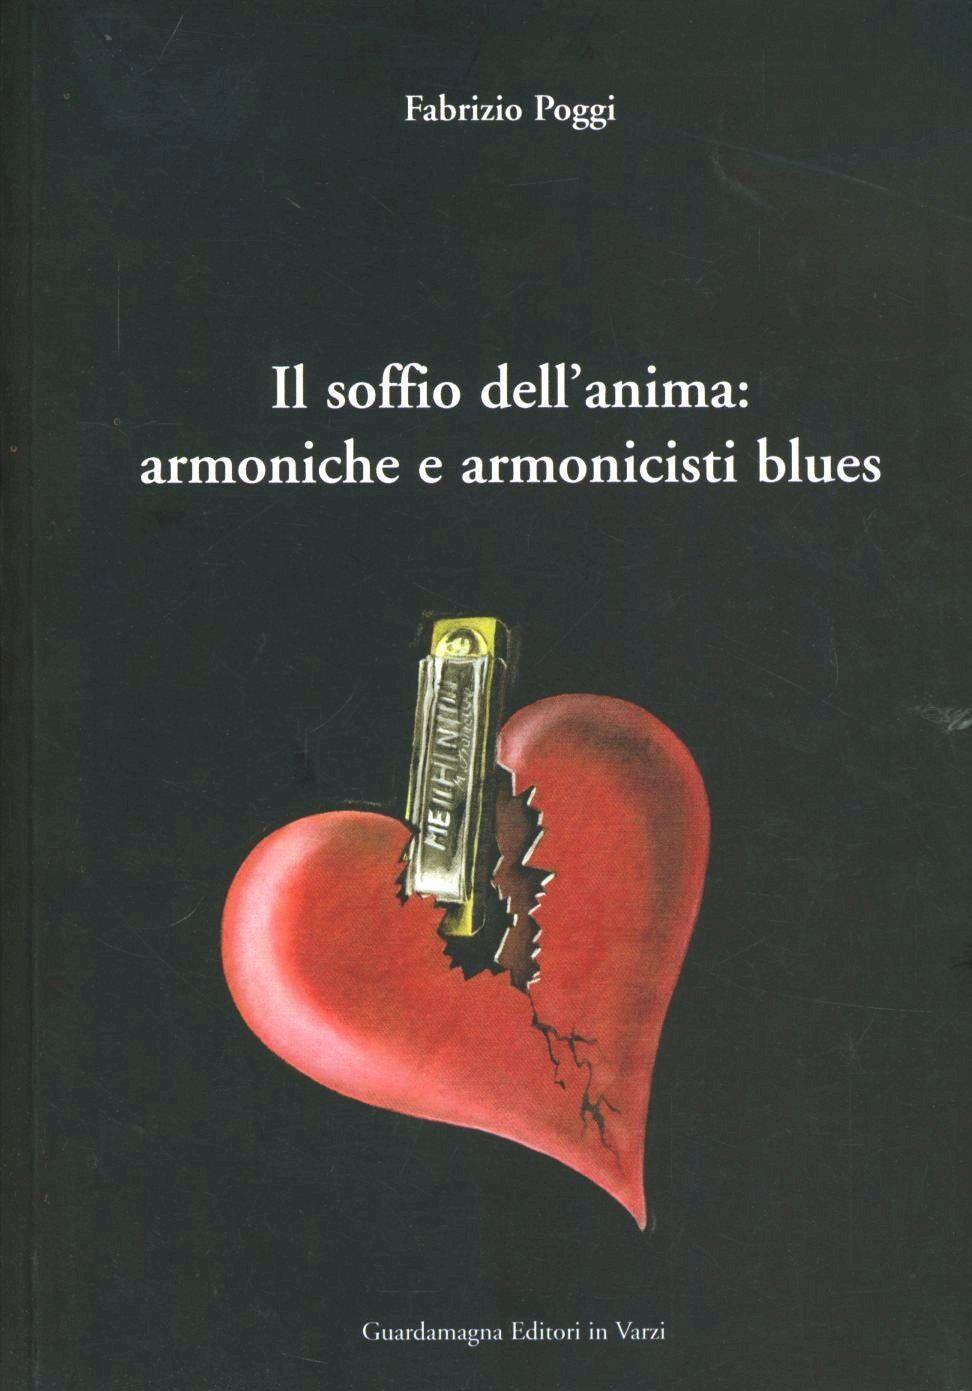 Il soffio dell'anima: armoniche e armonicisti blues